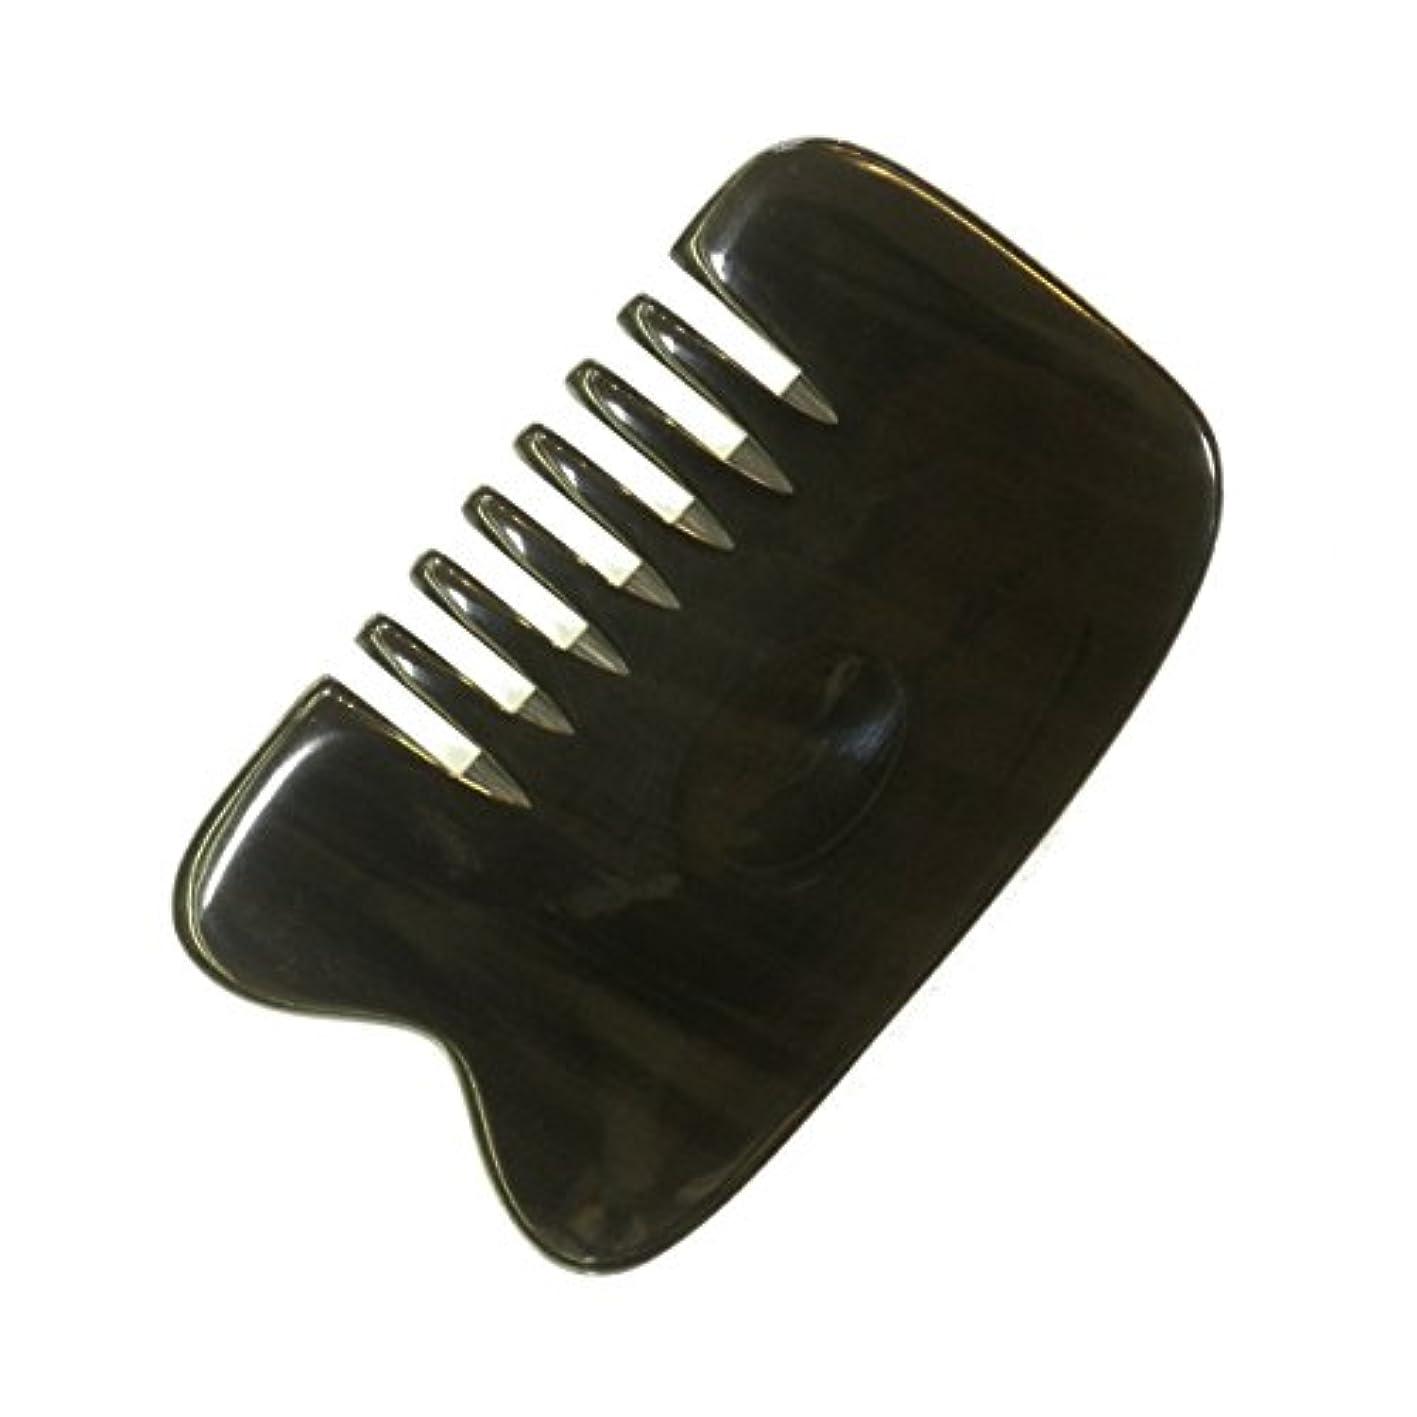 終わり逆に薄いかっさ プレート 厚さが選べる 水牛の角(黒水牛角) EHE221SP 櫛型 特級品 少し厚め(7ミリ程度)